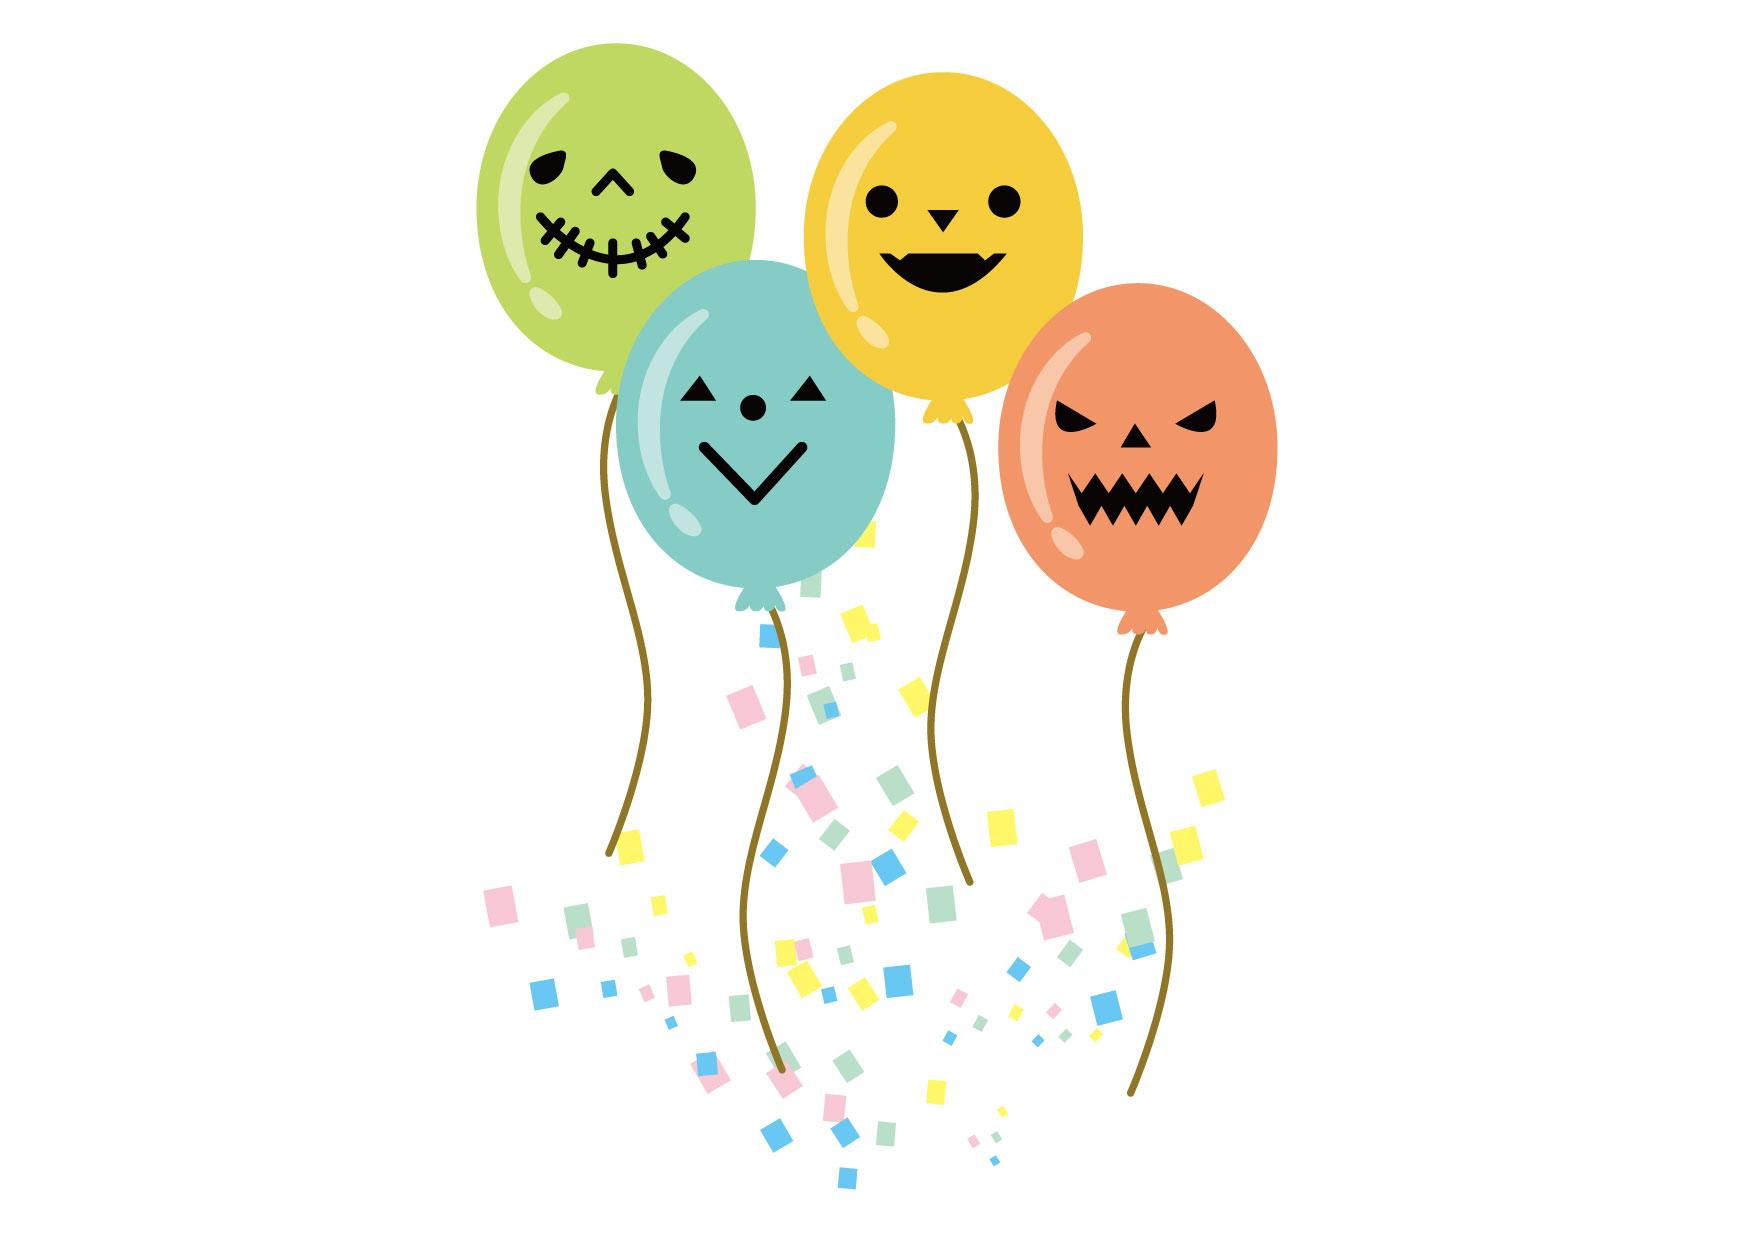 可愛いイラスト無料|ハロウィン 風船 カラフル − free illustration Halloween balloons colorful